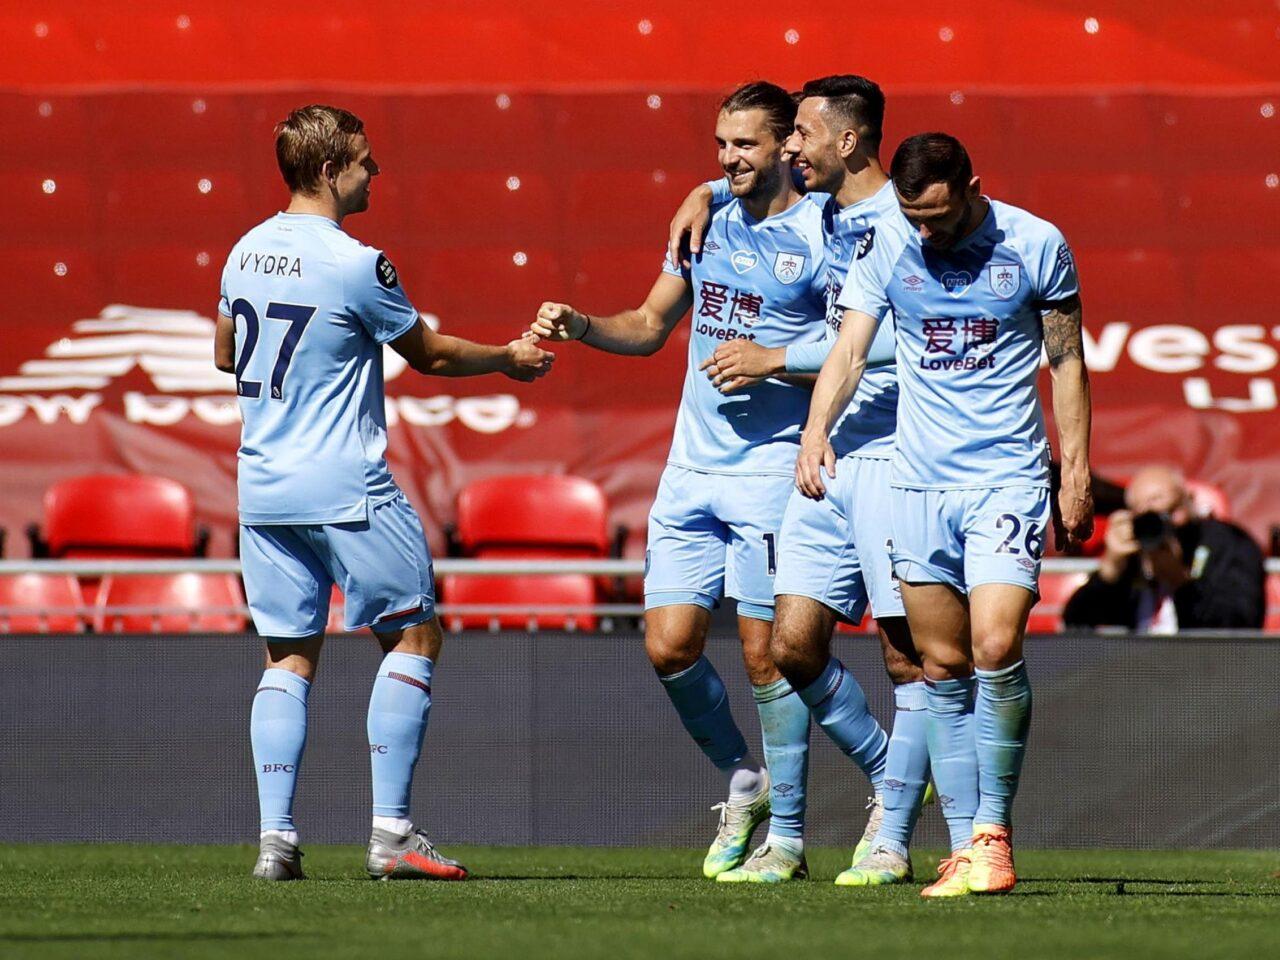 Burnley FC vs Wolverhampton Wanderers